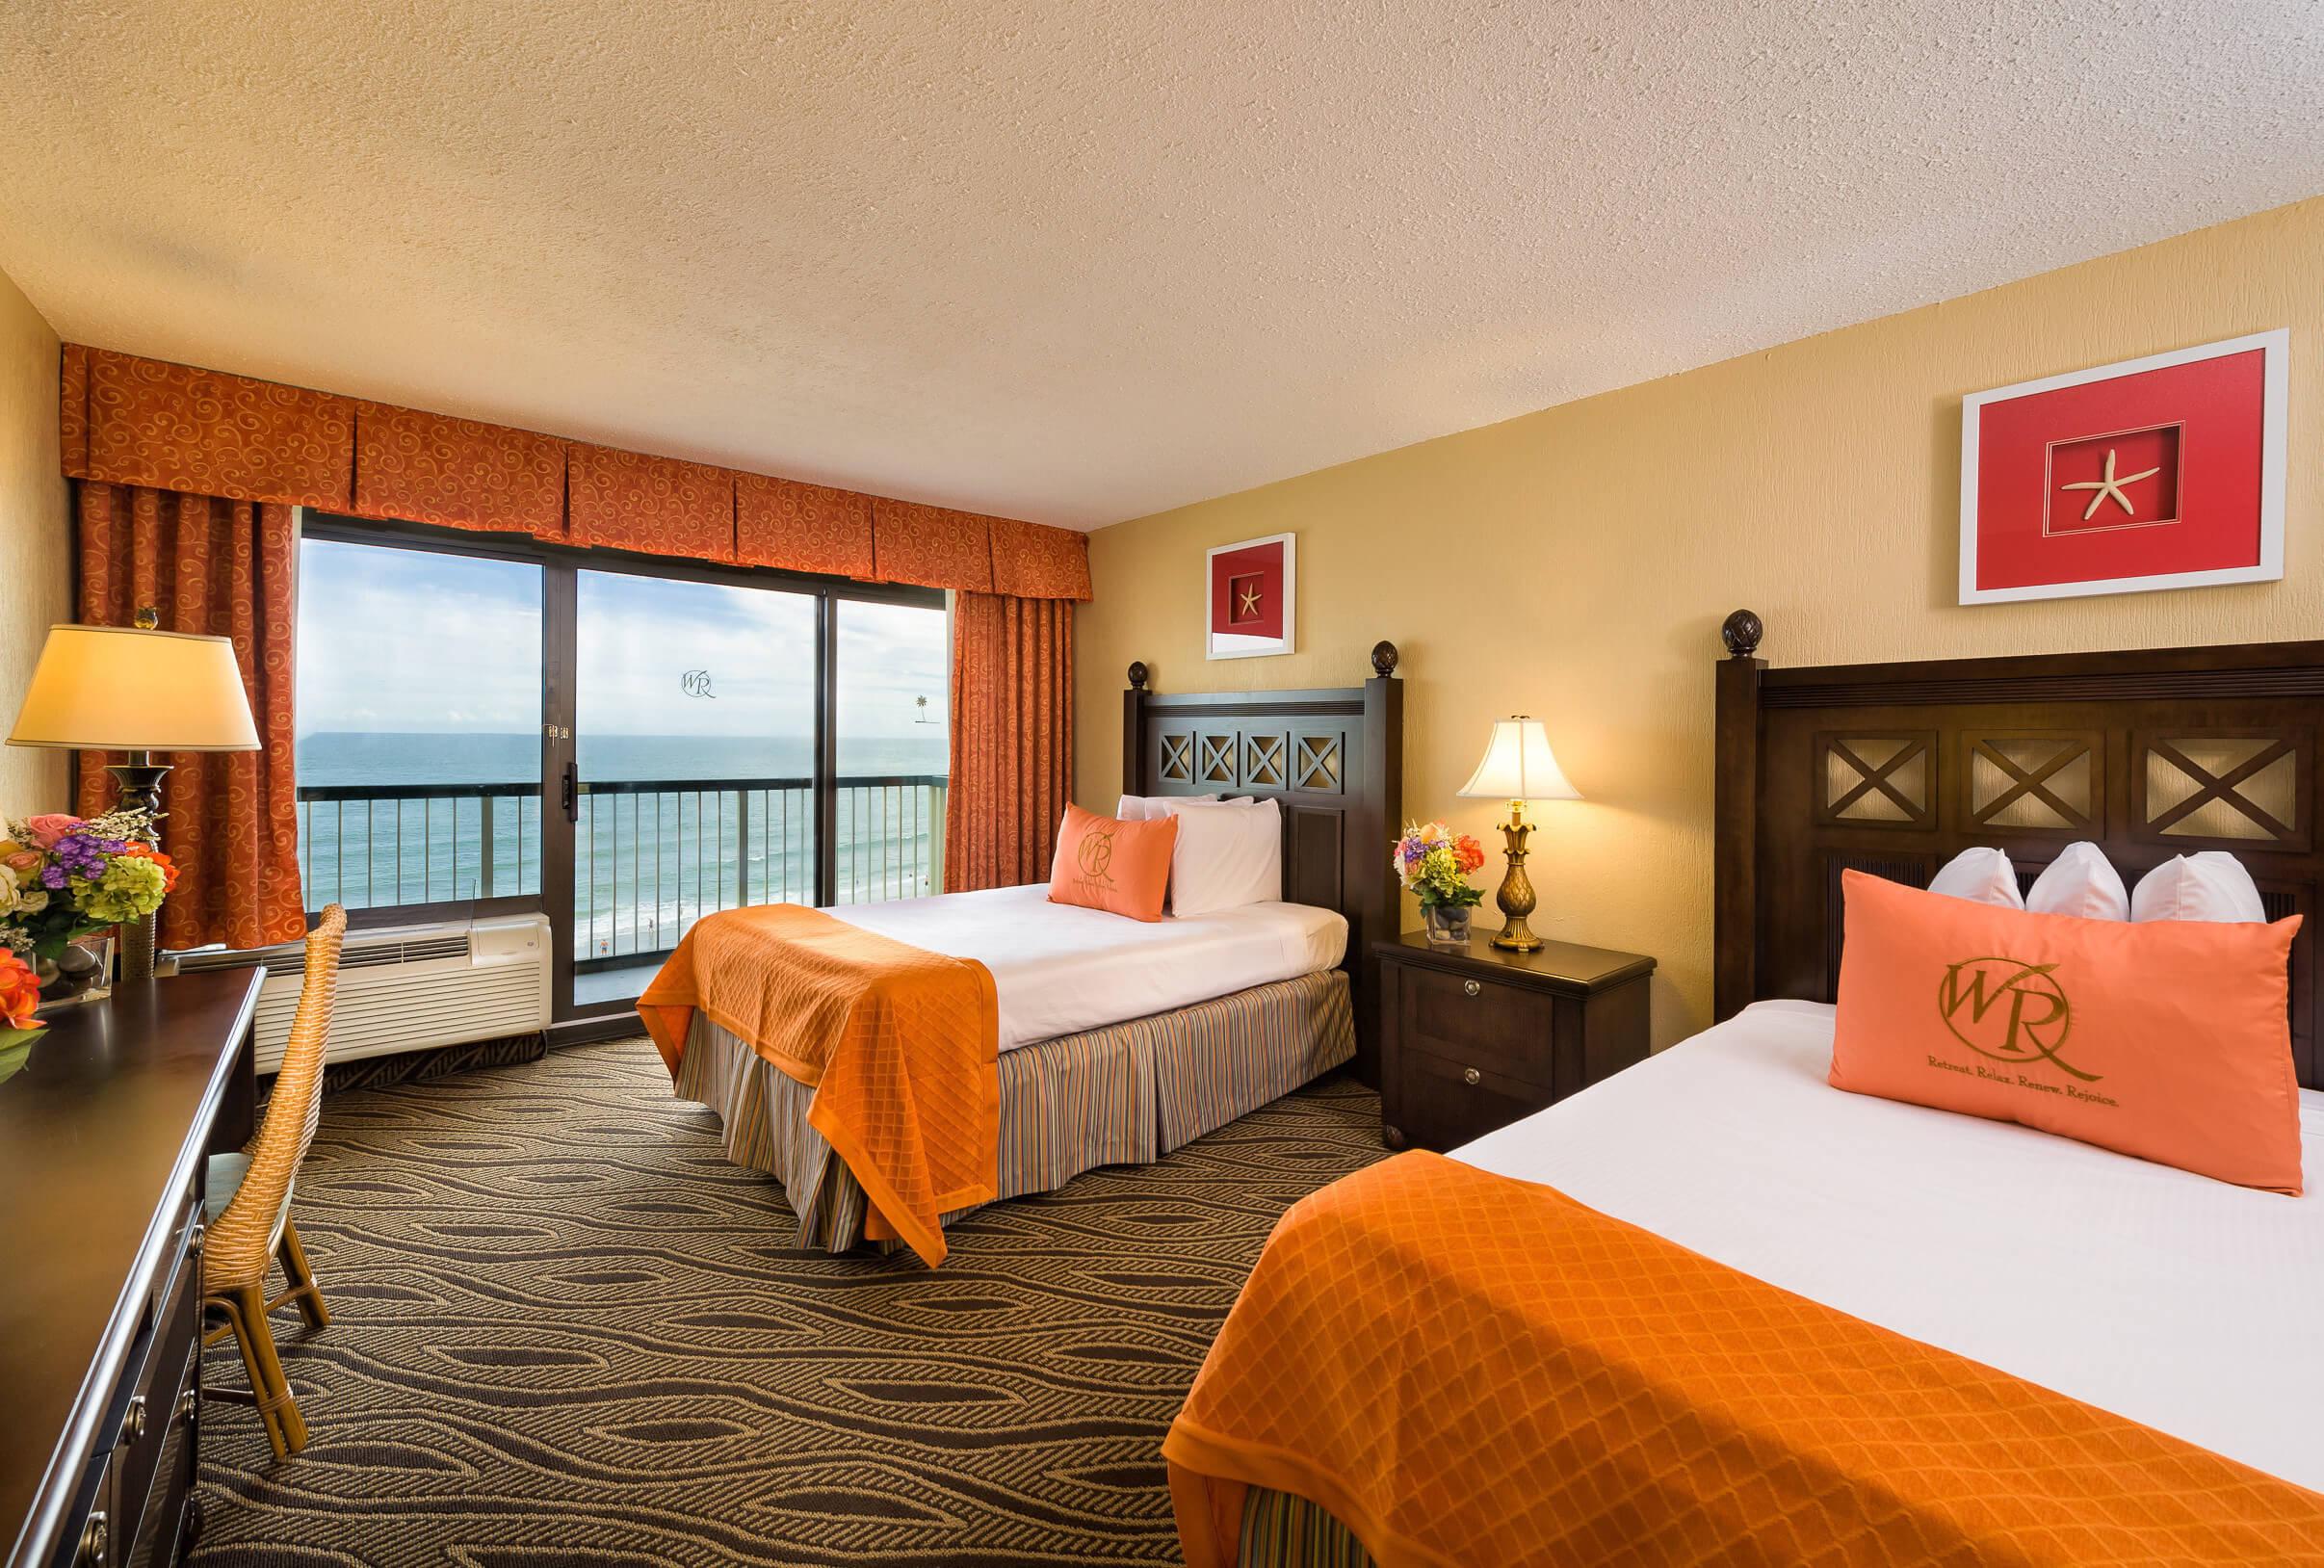 Sun n sand resort in myrtle beach hotels